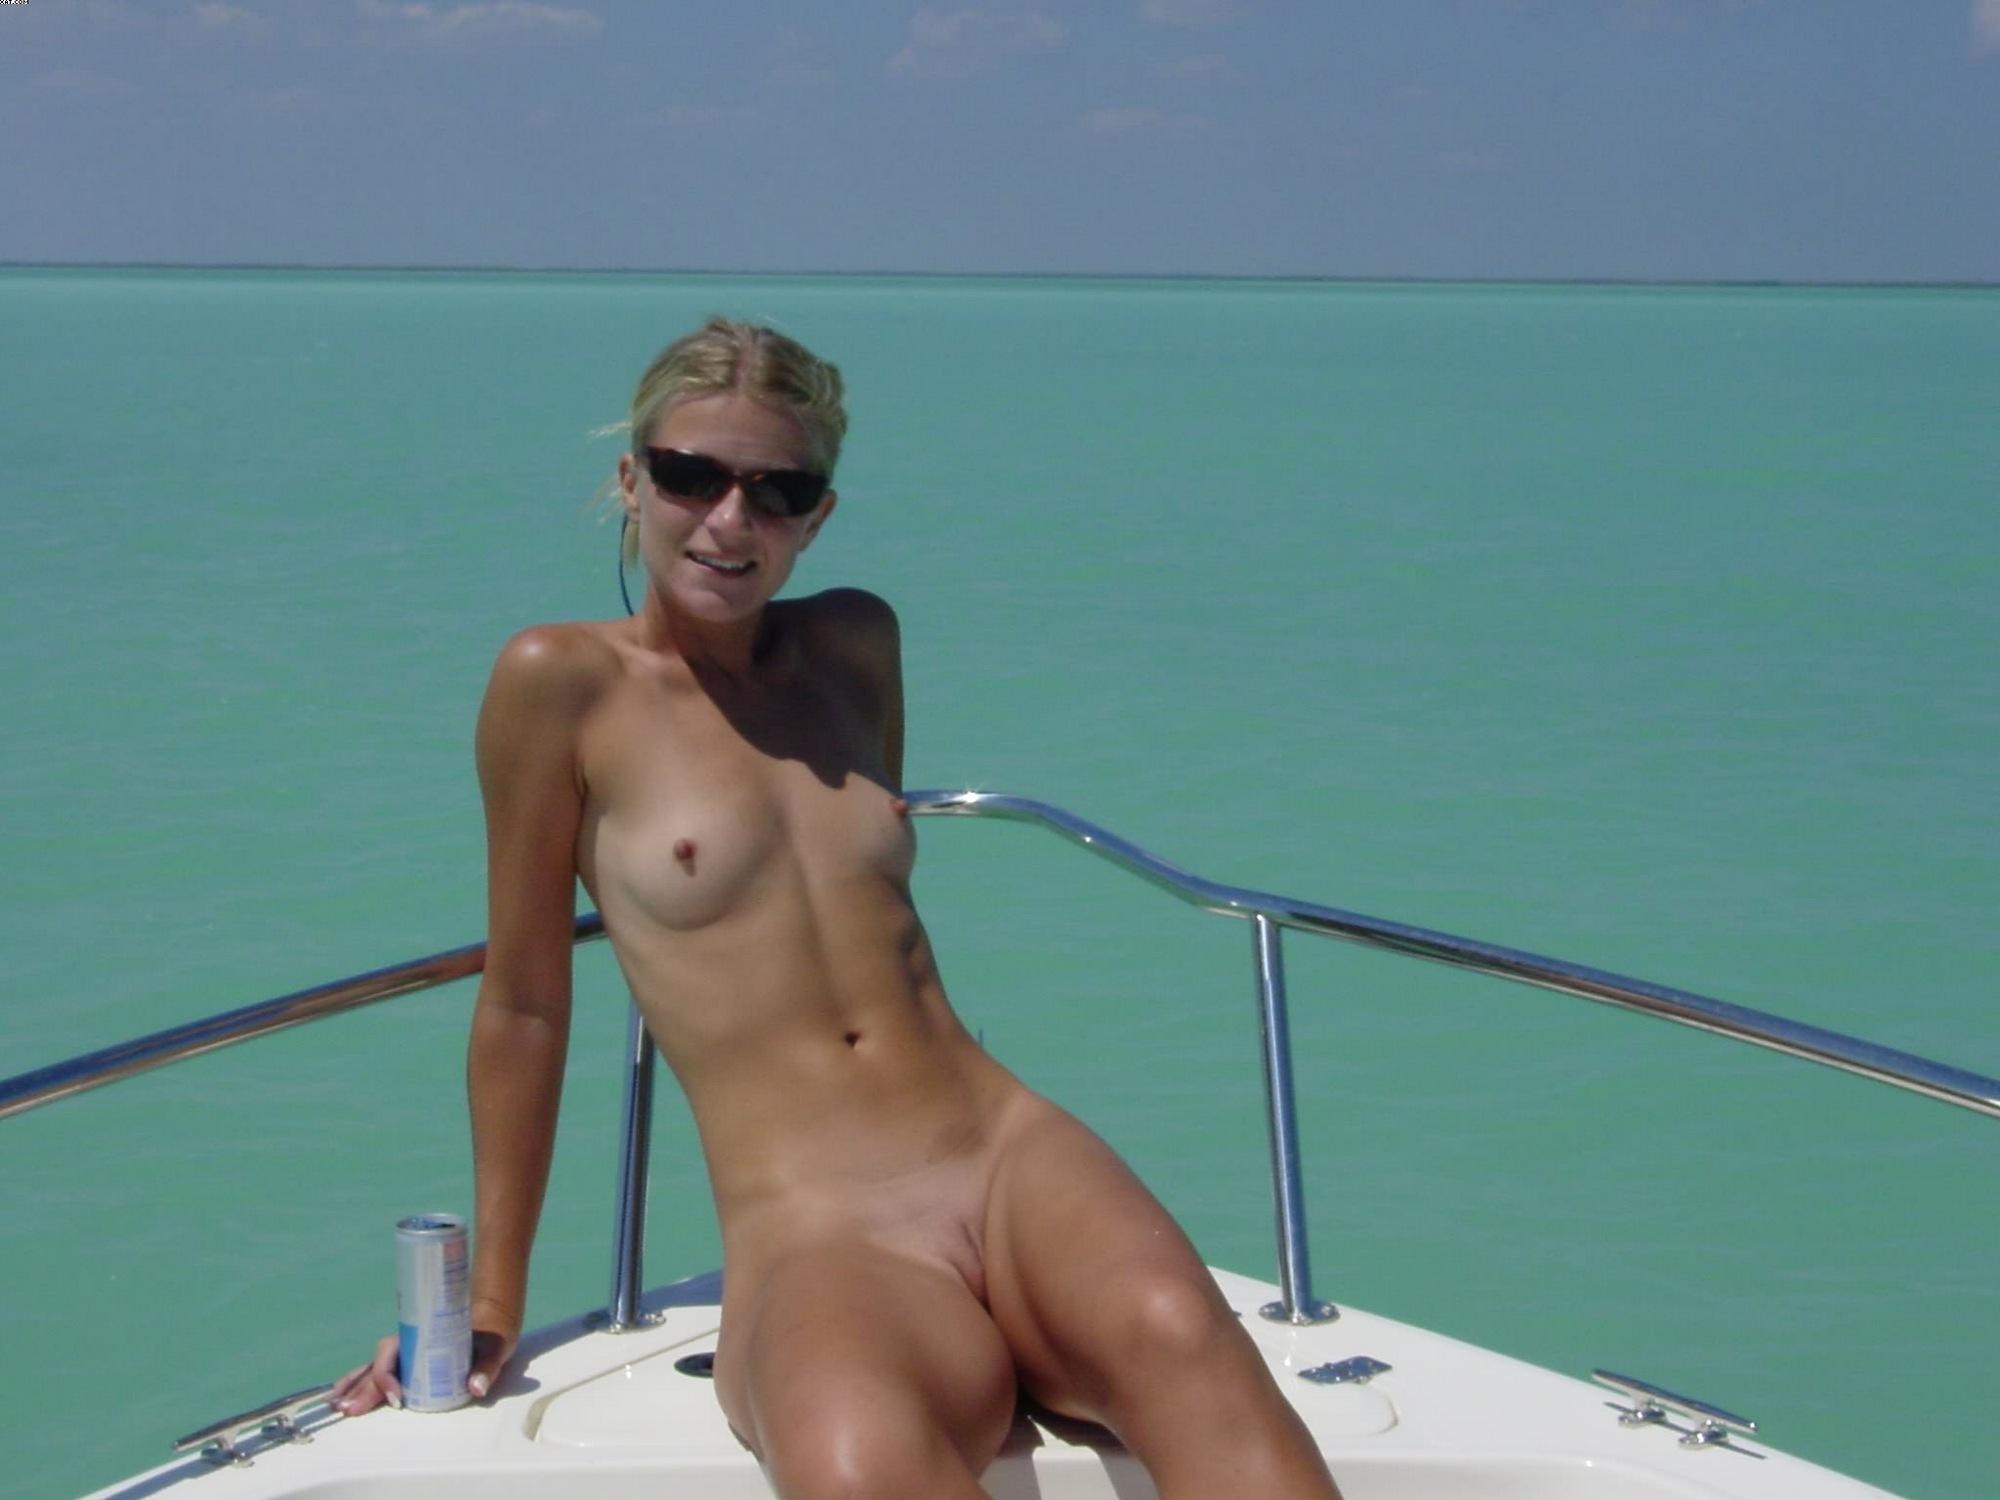 Чистая блондинка шалит без трусиков на палубе яхты смотреть эротику